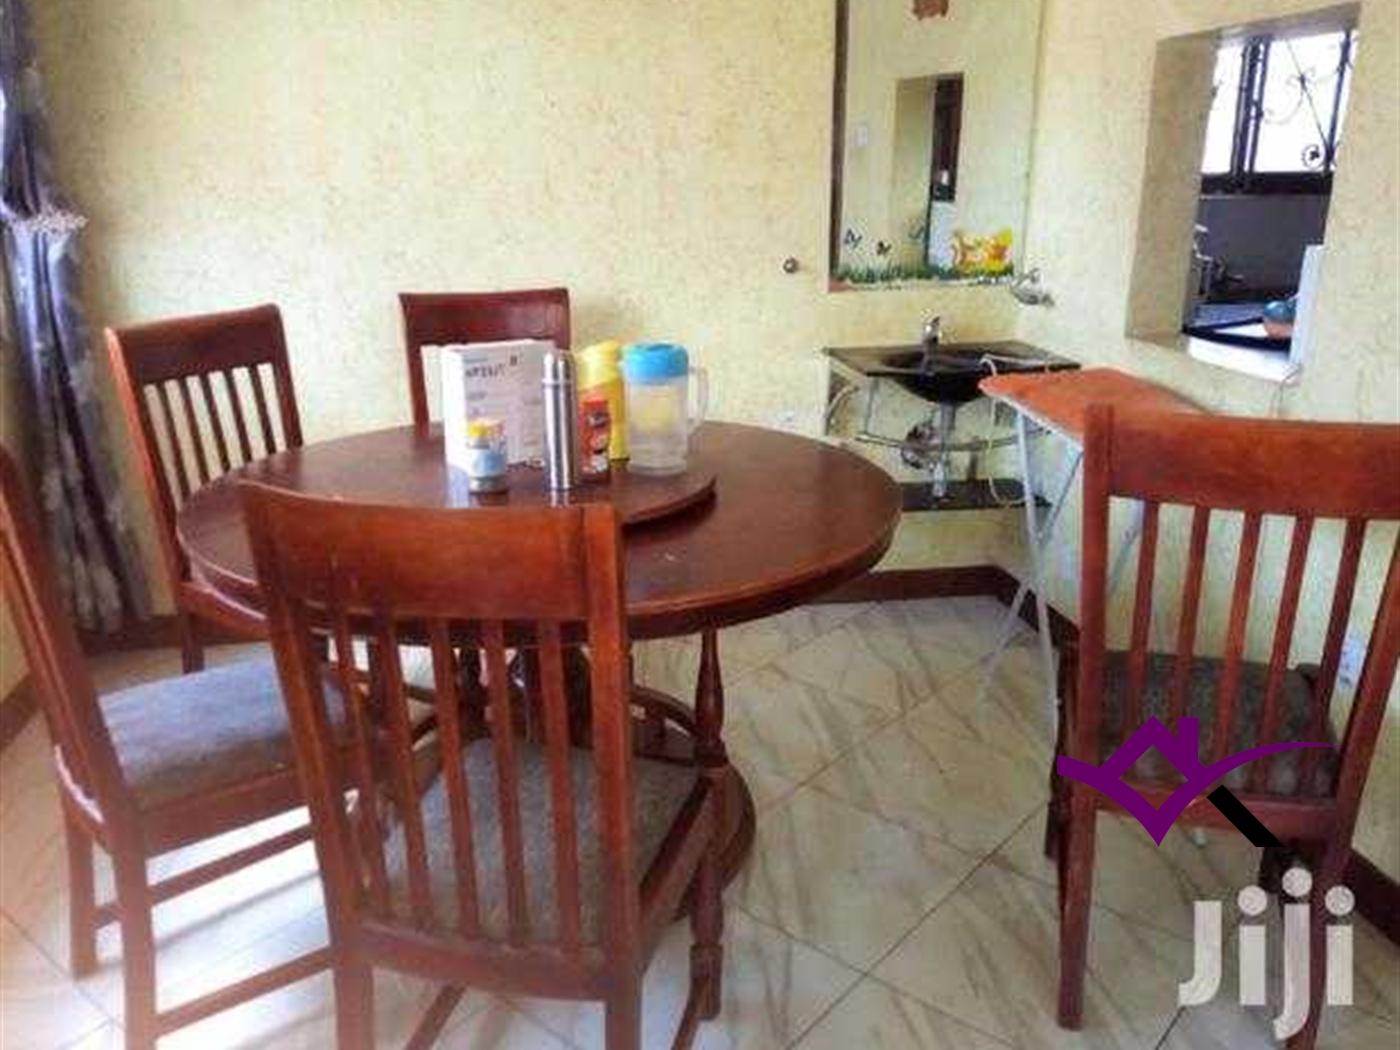 Bungalow for rent in Namugongo Mukono